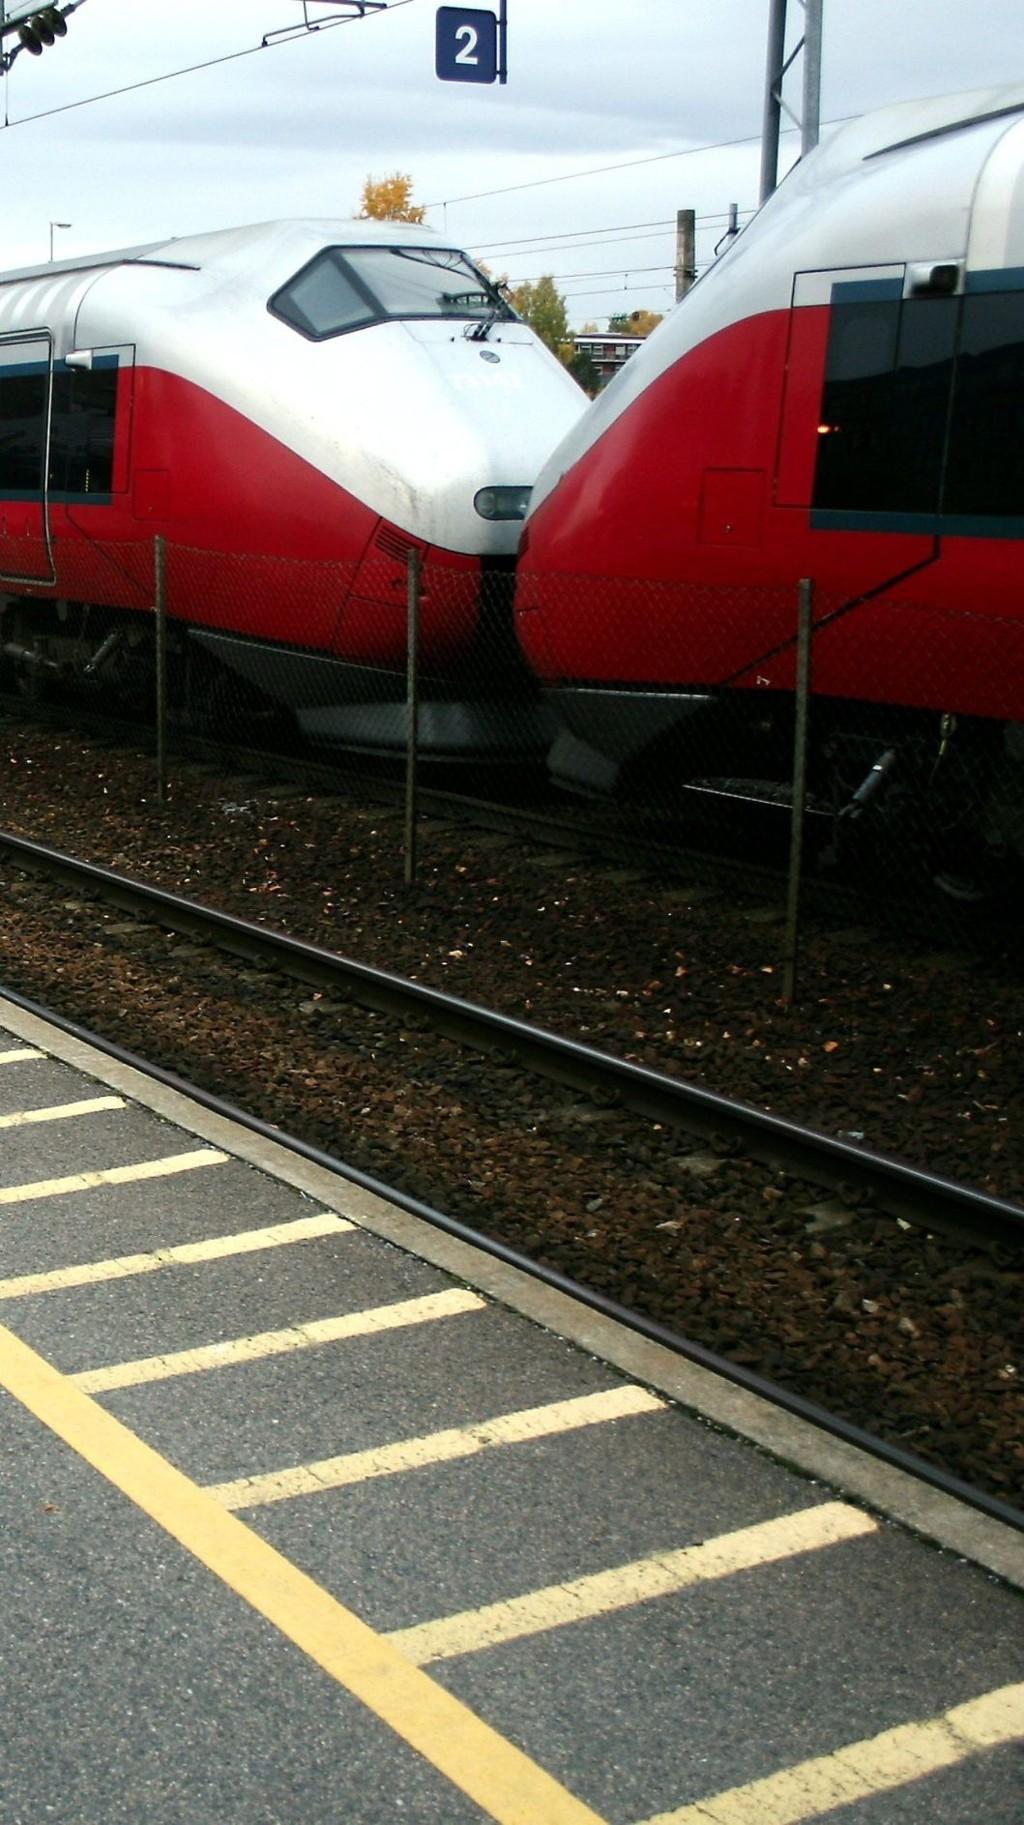 SATSER PÅ TOG: Ruter satser på å mate bussene inn mot tog og tbane, slik at det skal bli bedre fremkommelighet i sentrum.